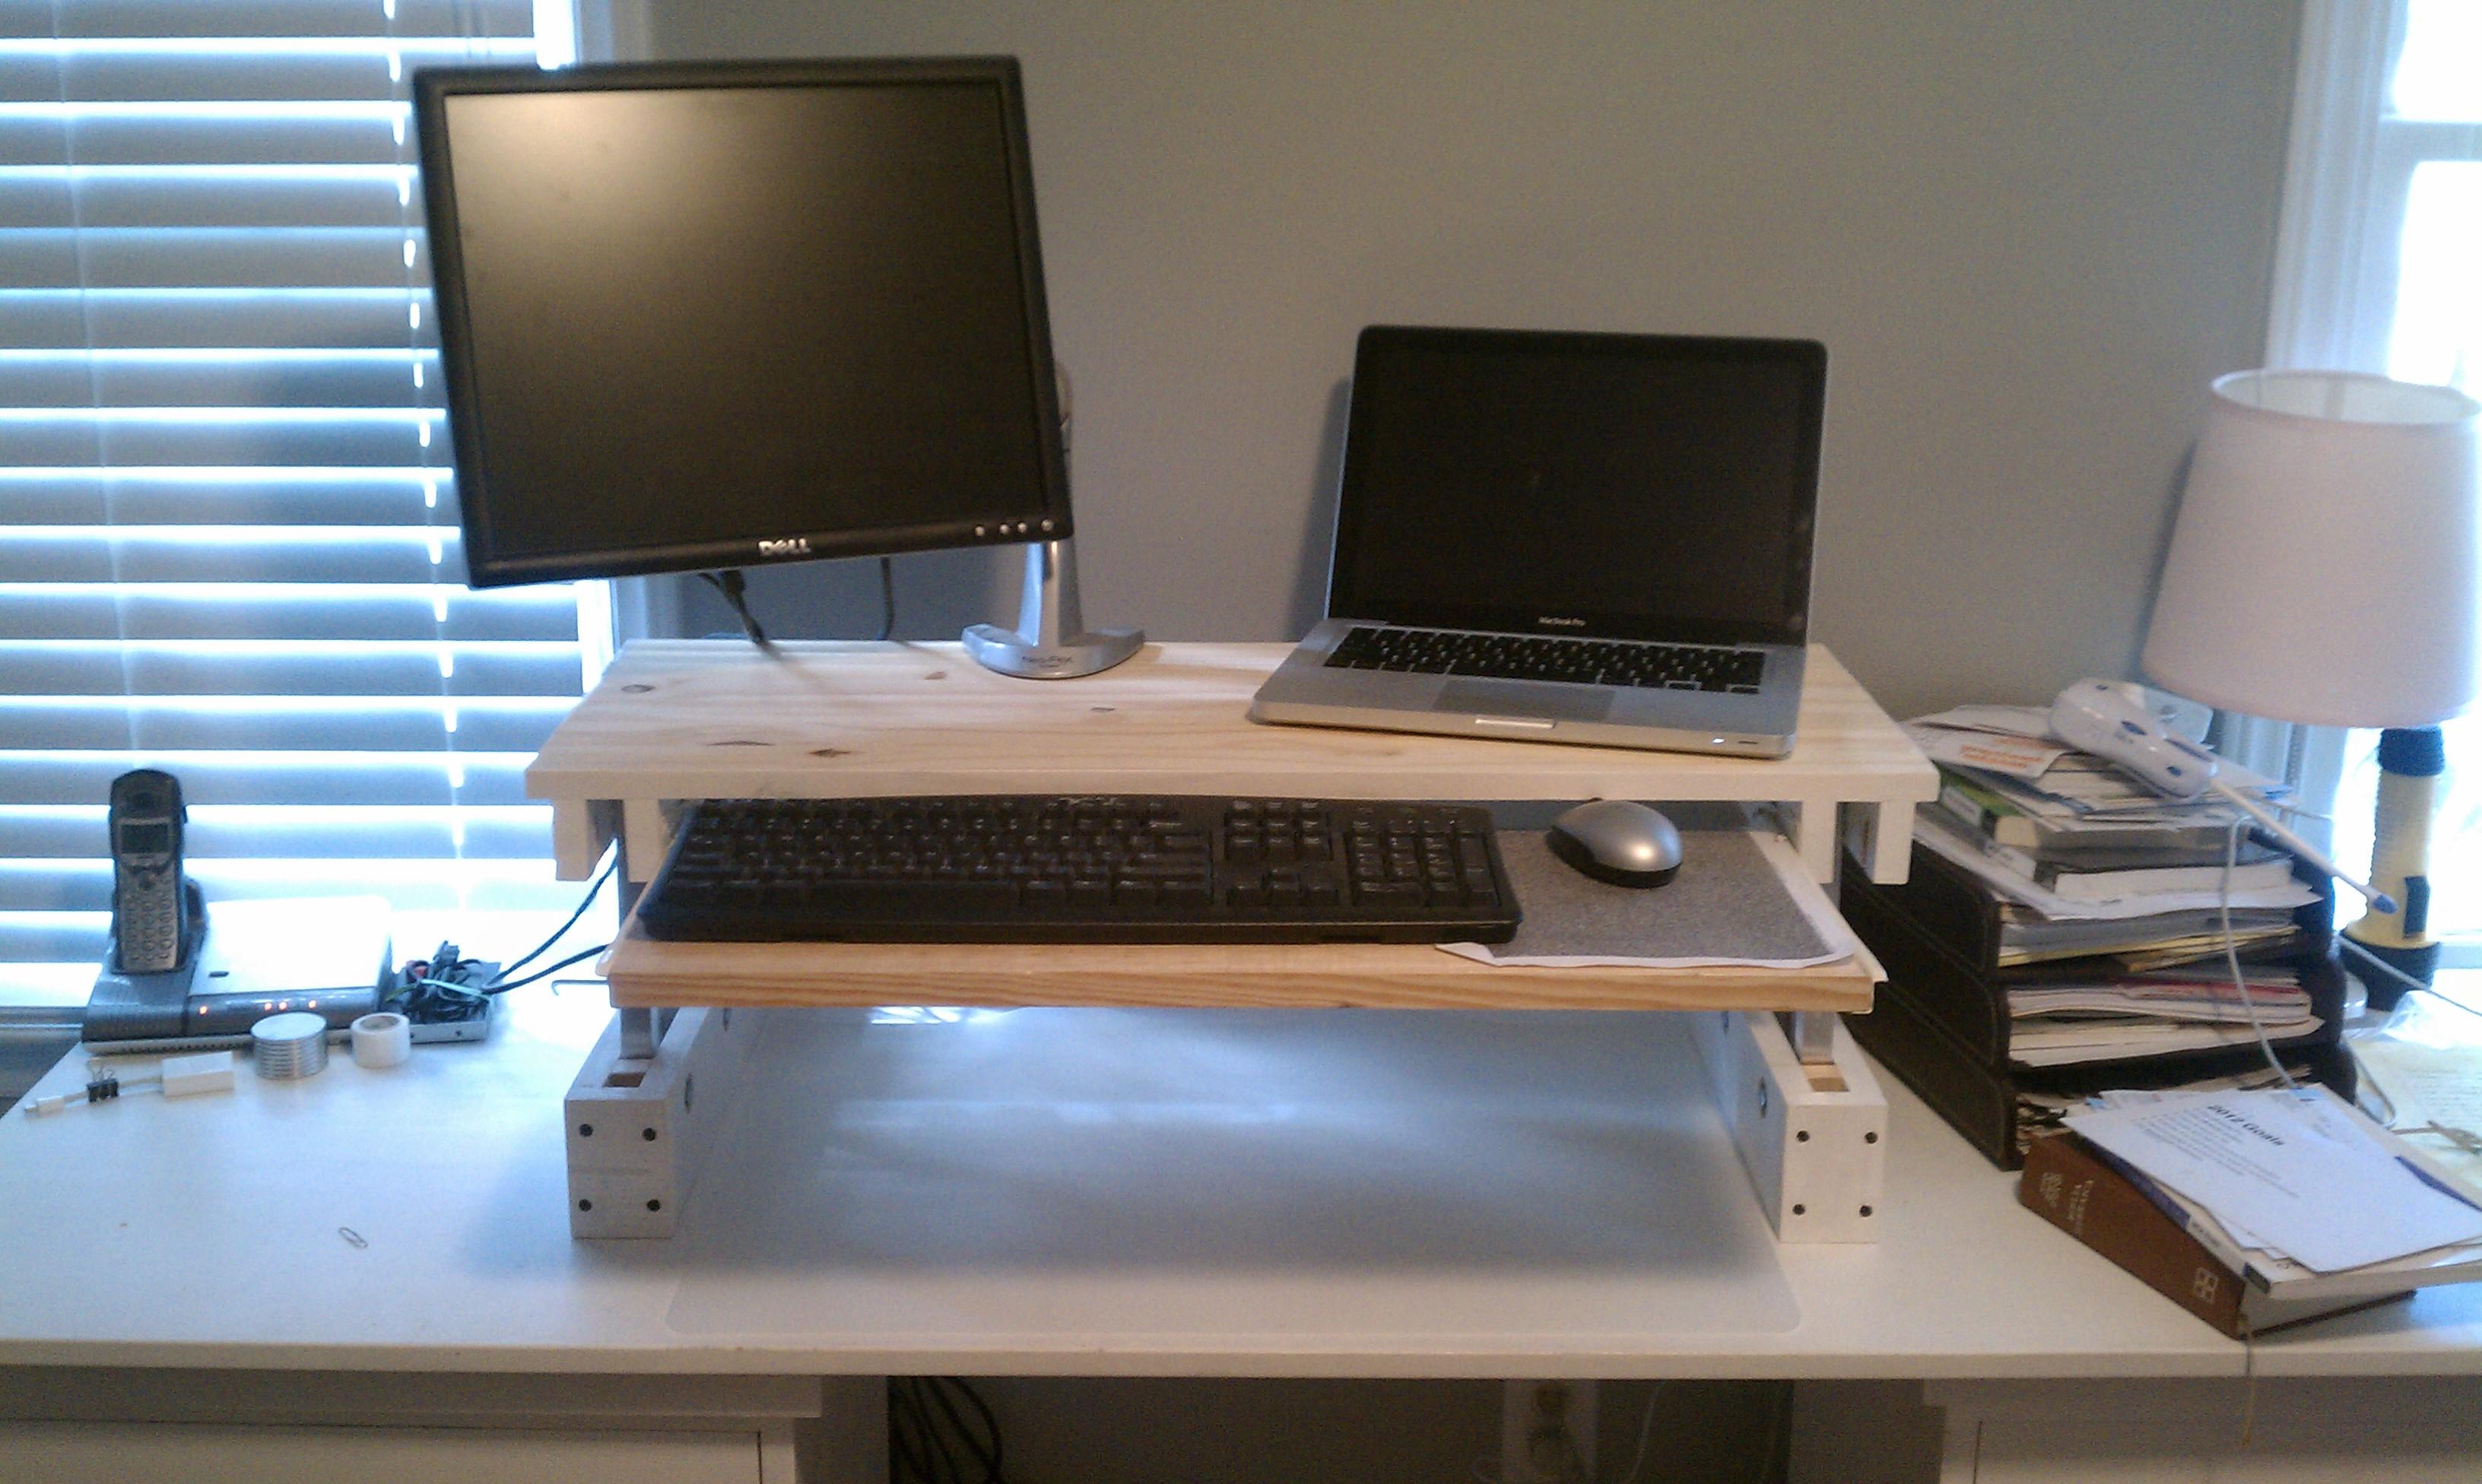 Diy Adjustable Desk For Under 25 Code Over Easy